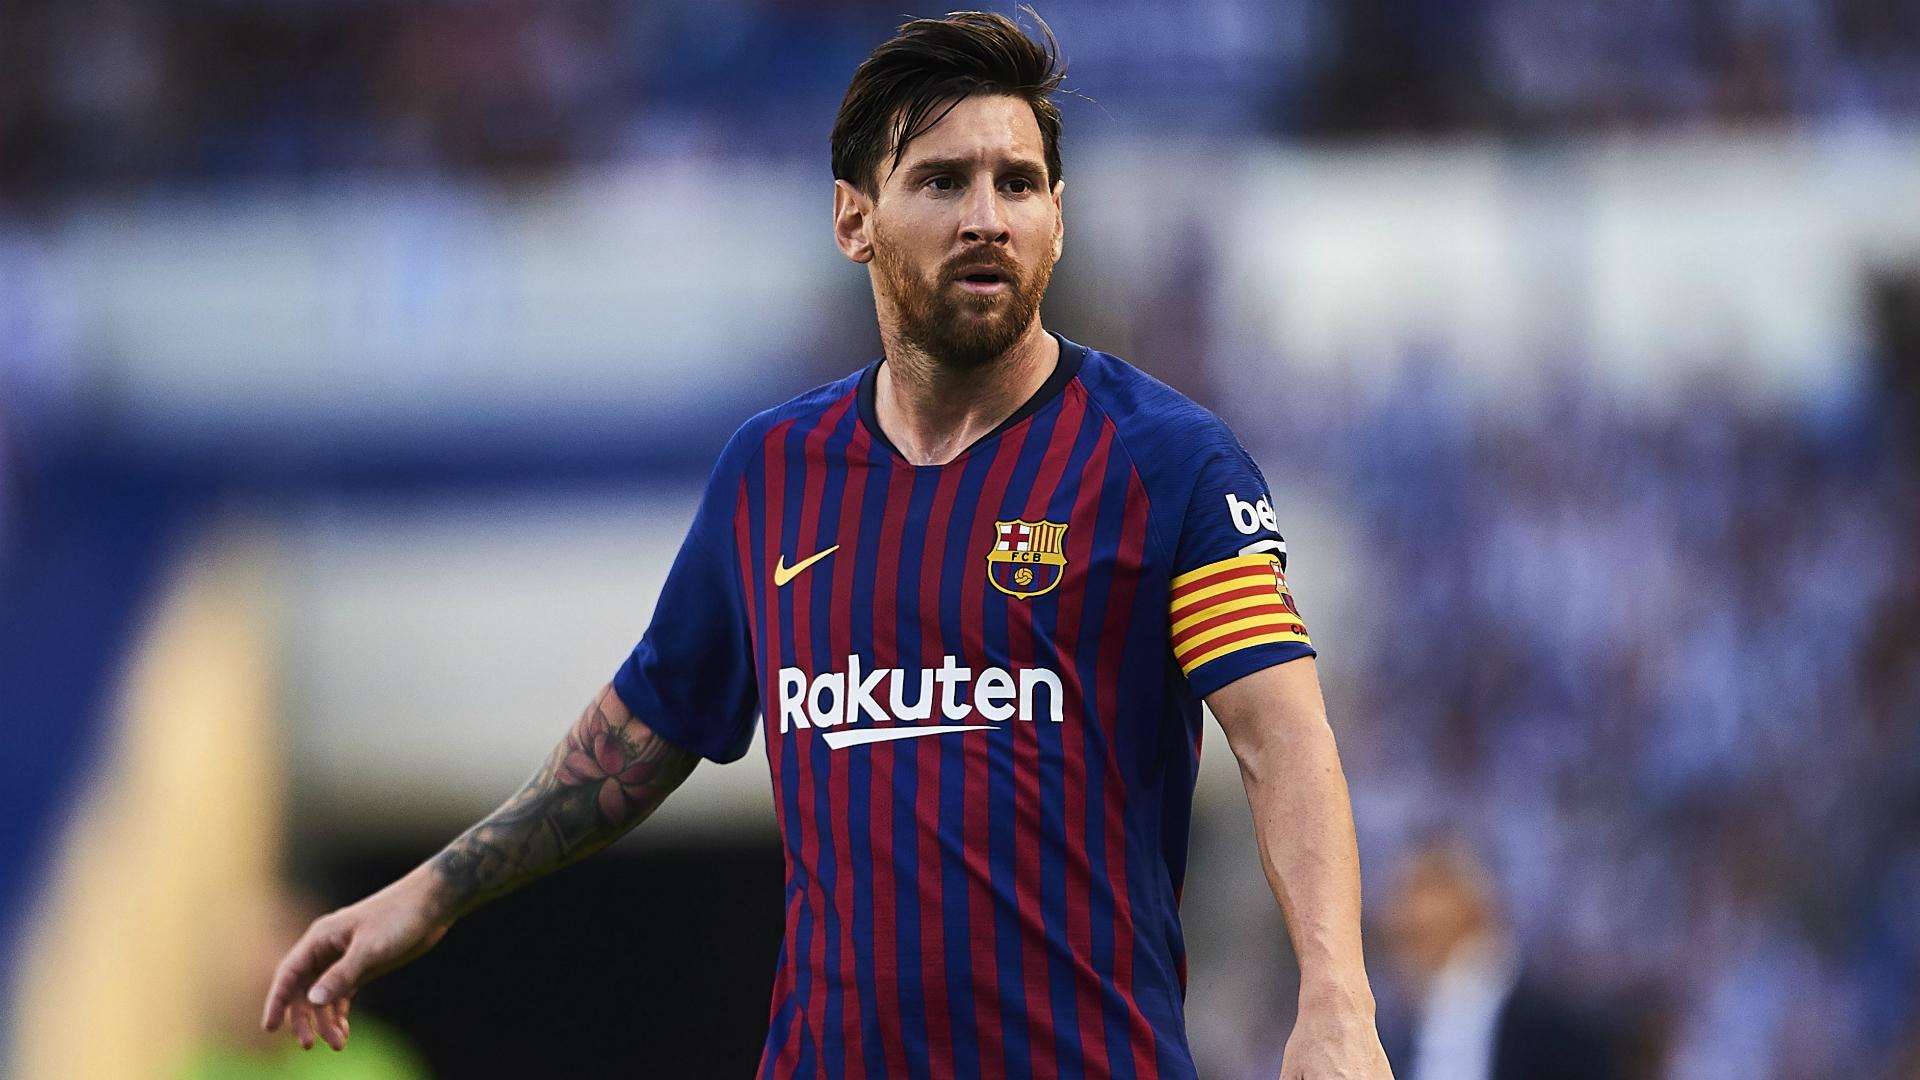 Le onze probable du Barça contre Gérone